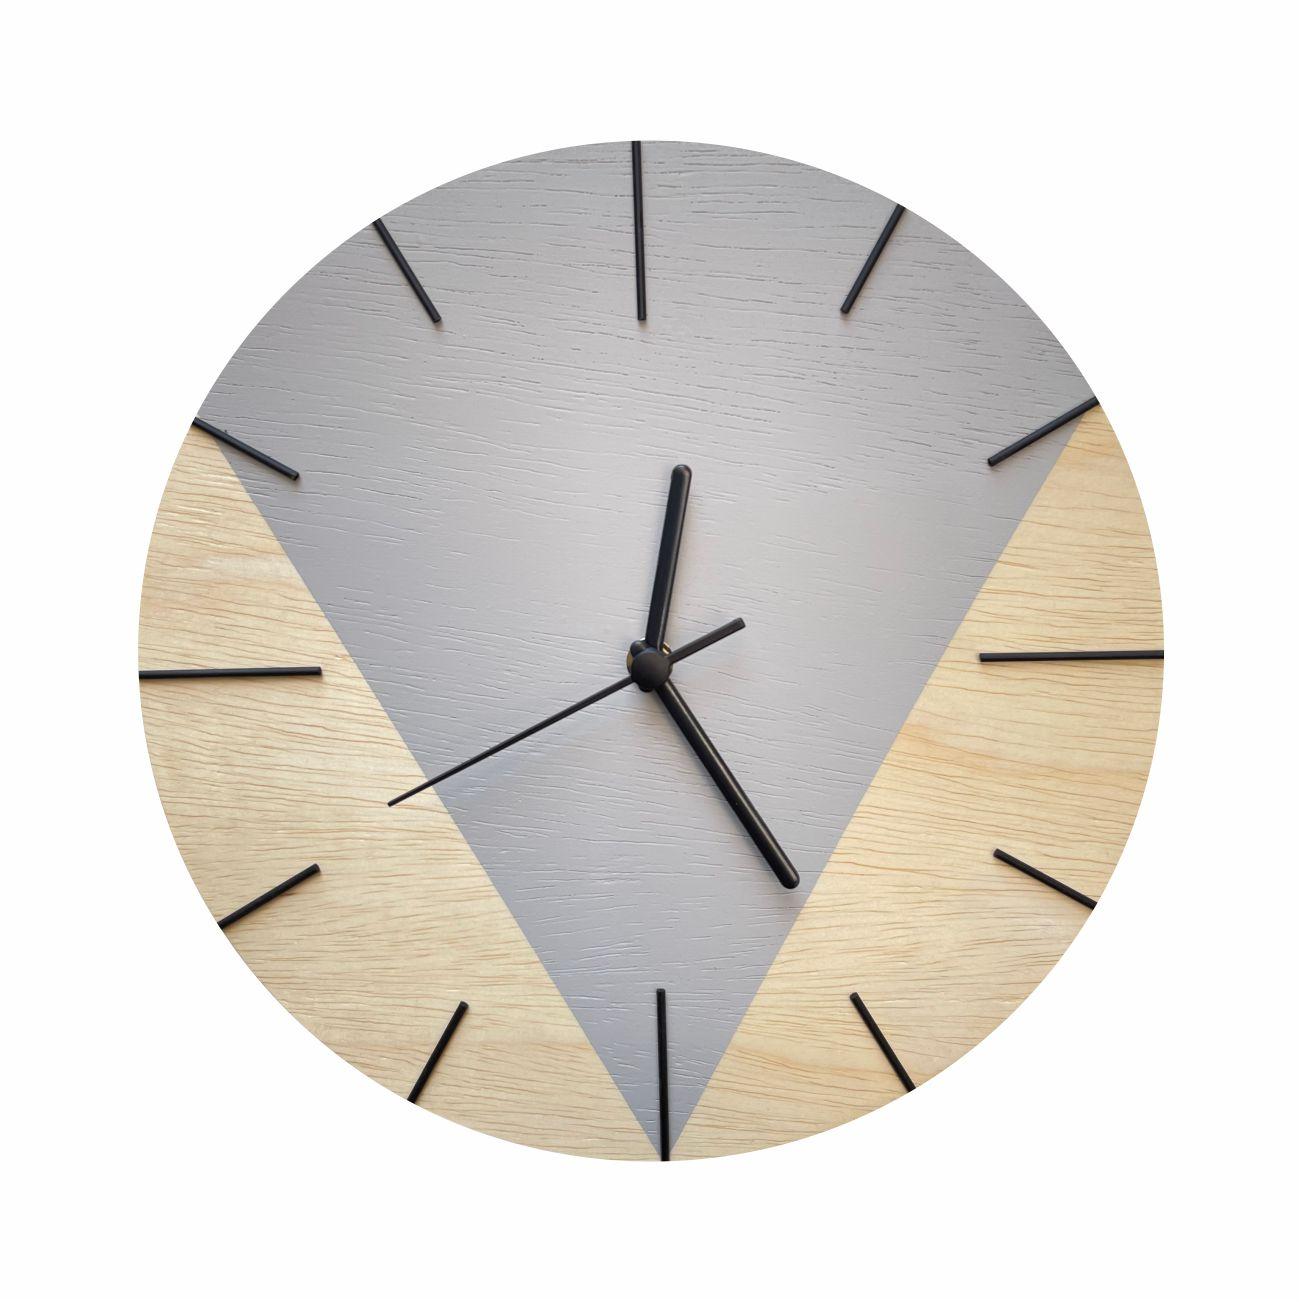 Relógio de Parede Design Triangular - 30cm Light Gray